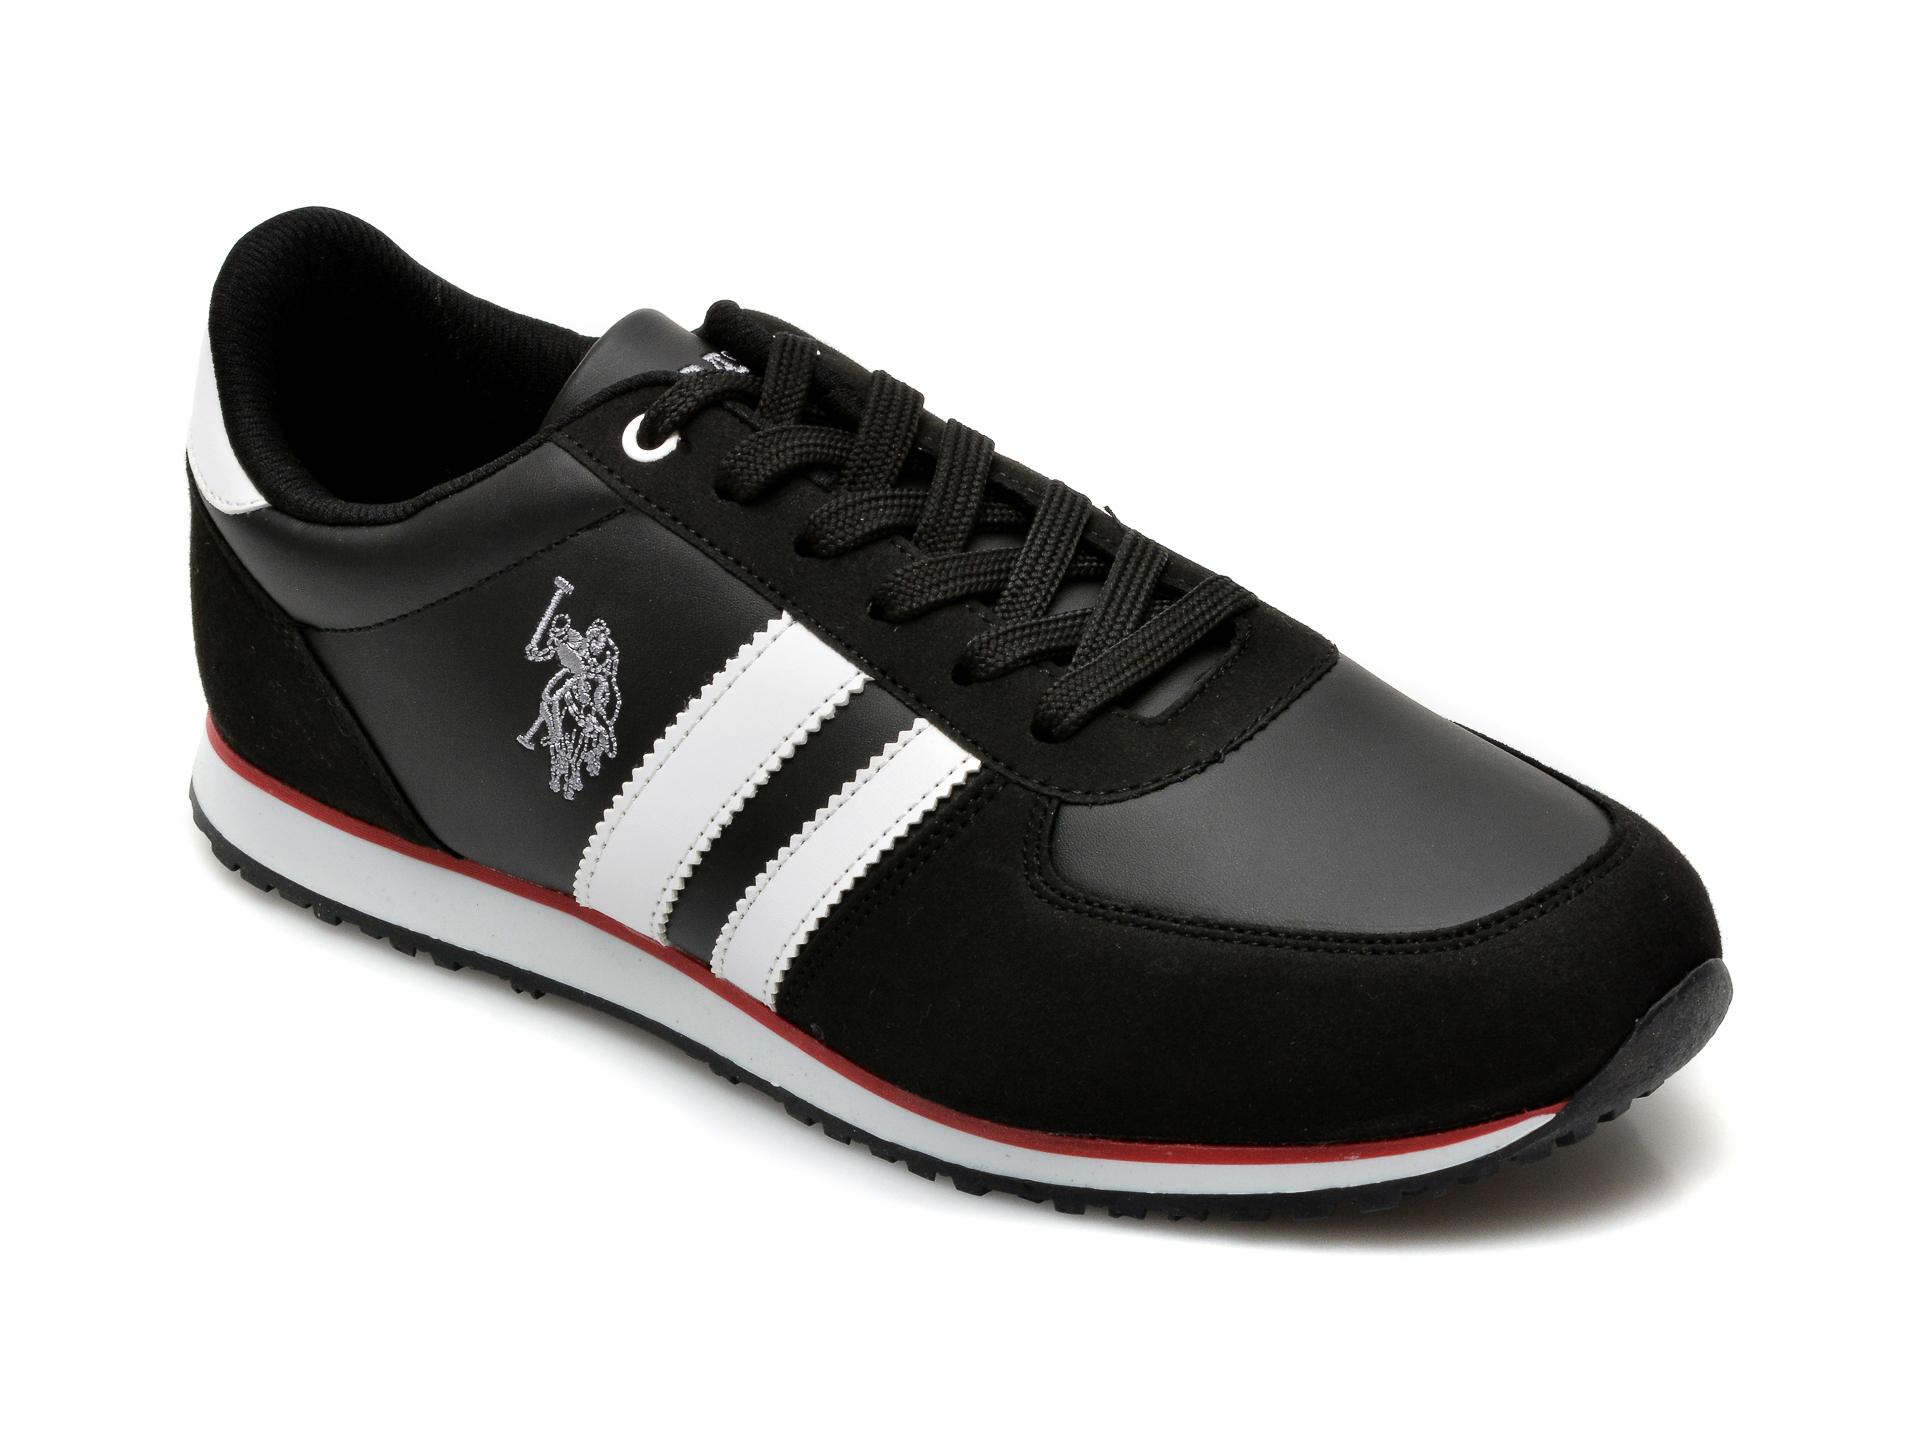 Pantofi sport US POLO ASSN negri, 418098, din piele ecologica imagine